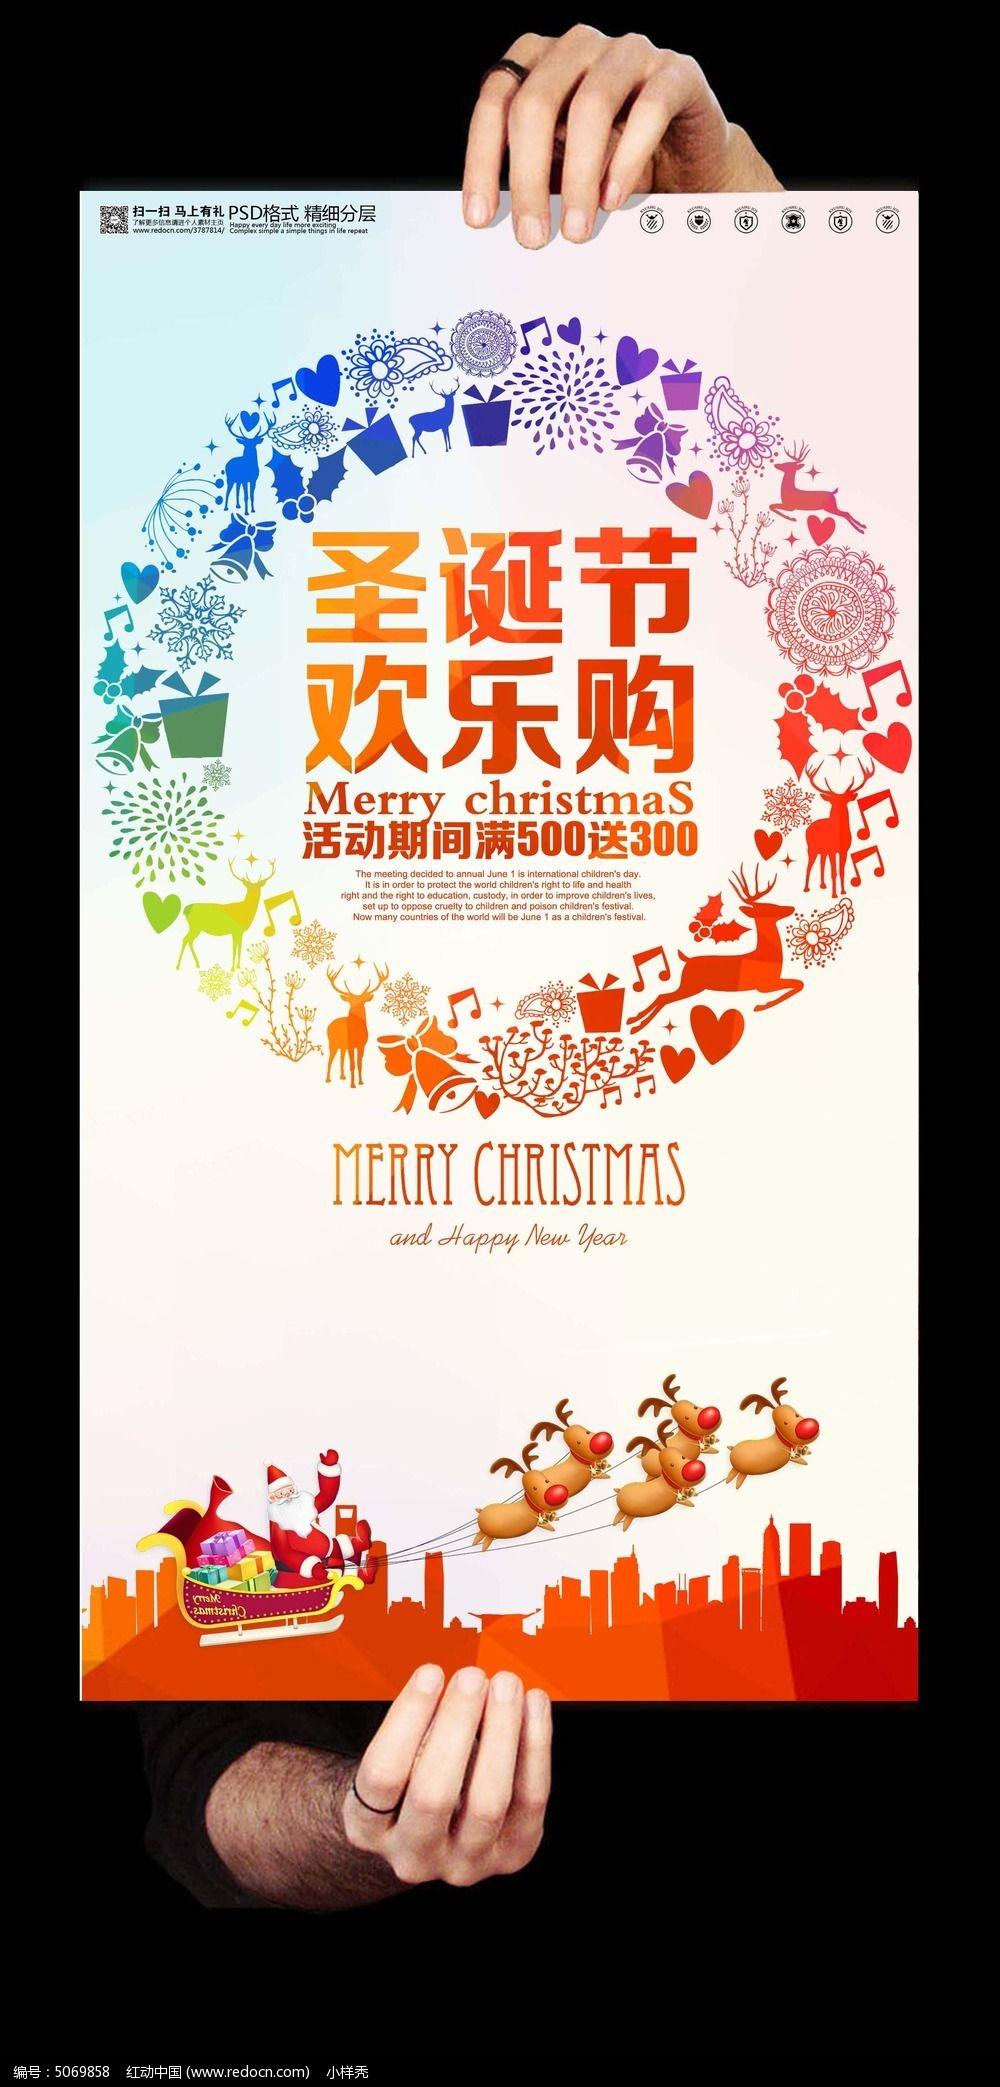 炫彩手绘圣诞节促销海报图片